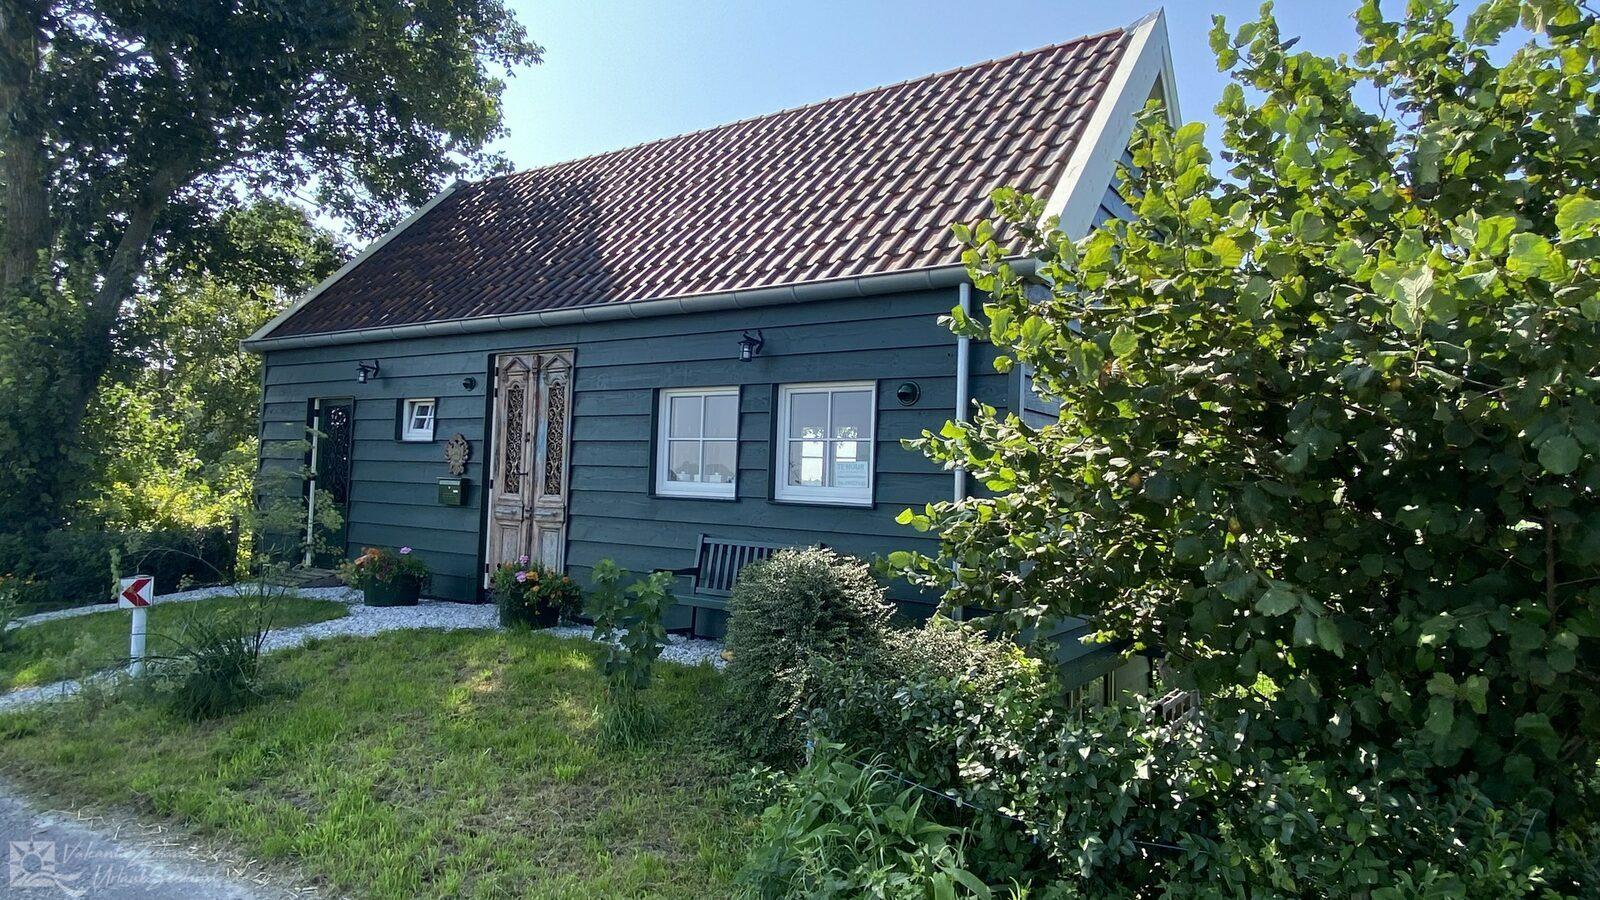 VZ962 Holiday Home in Kamperland